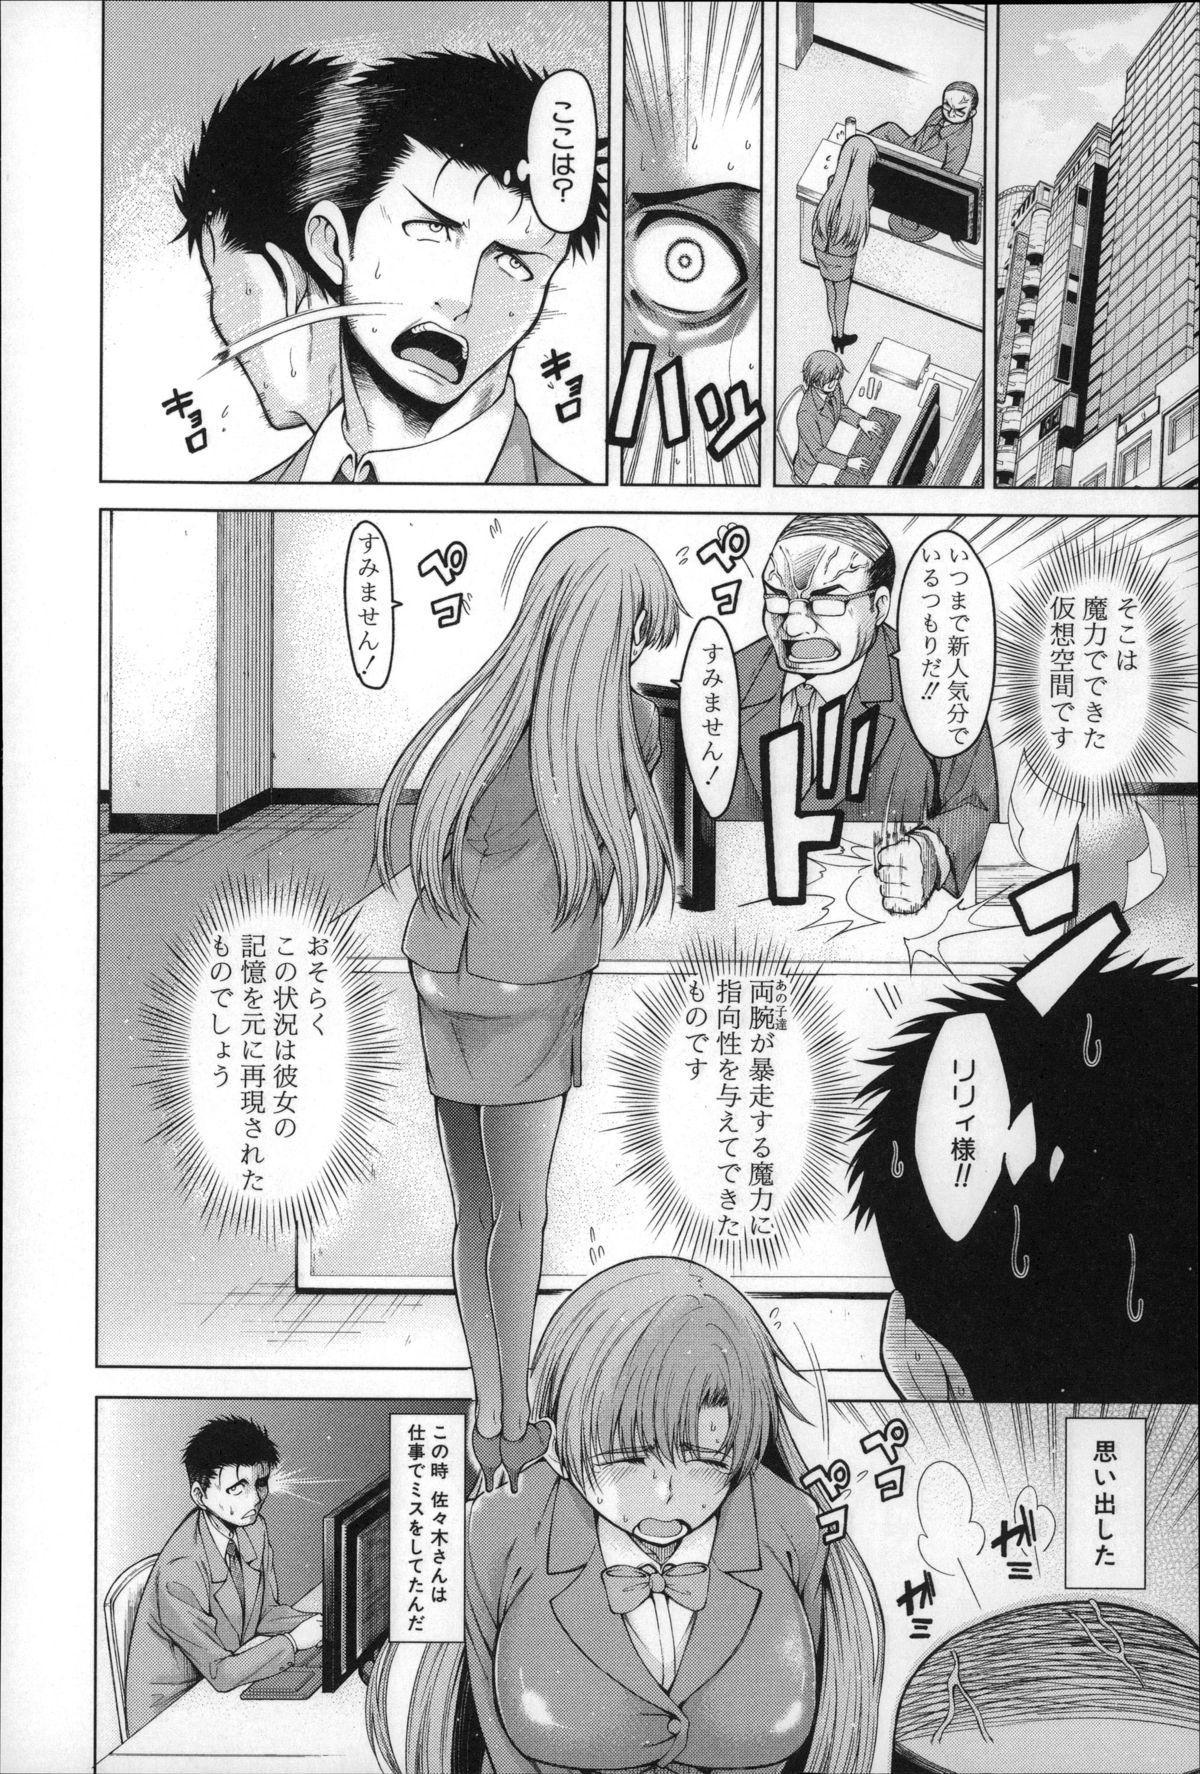 Migite ga Bishoujo ni Natta kara Sex Shita kedo Doutei dayone!! 156